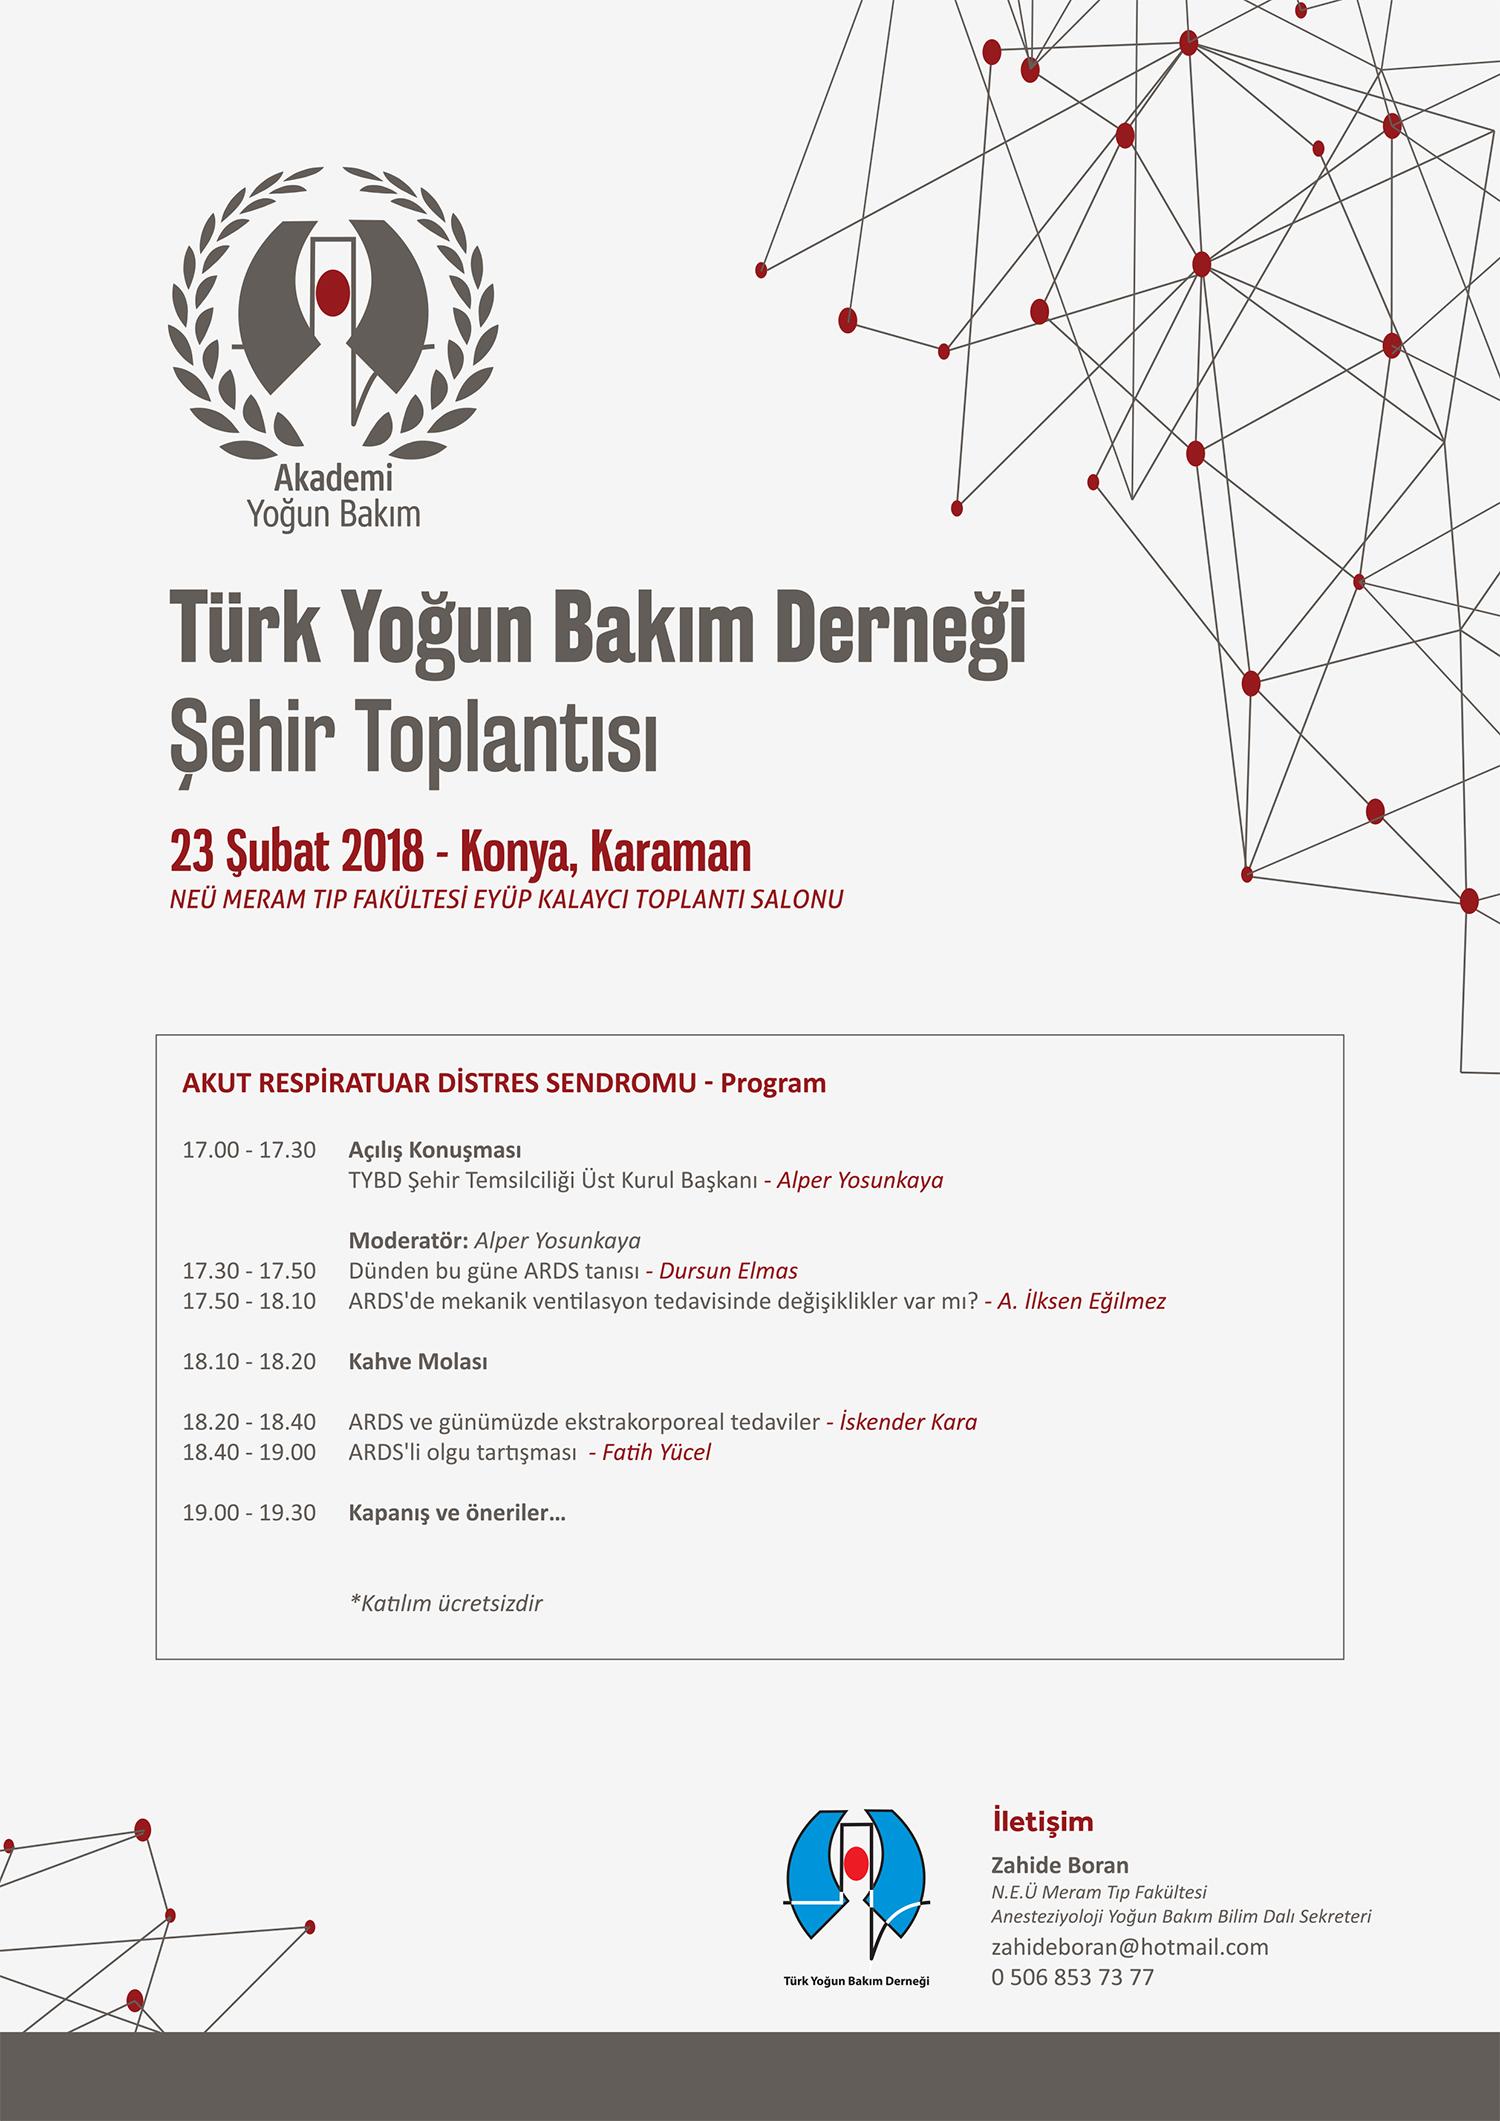 Þehir Toplantýsý Konya